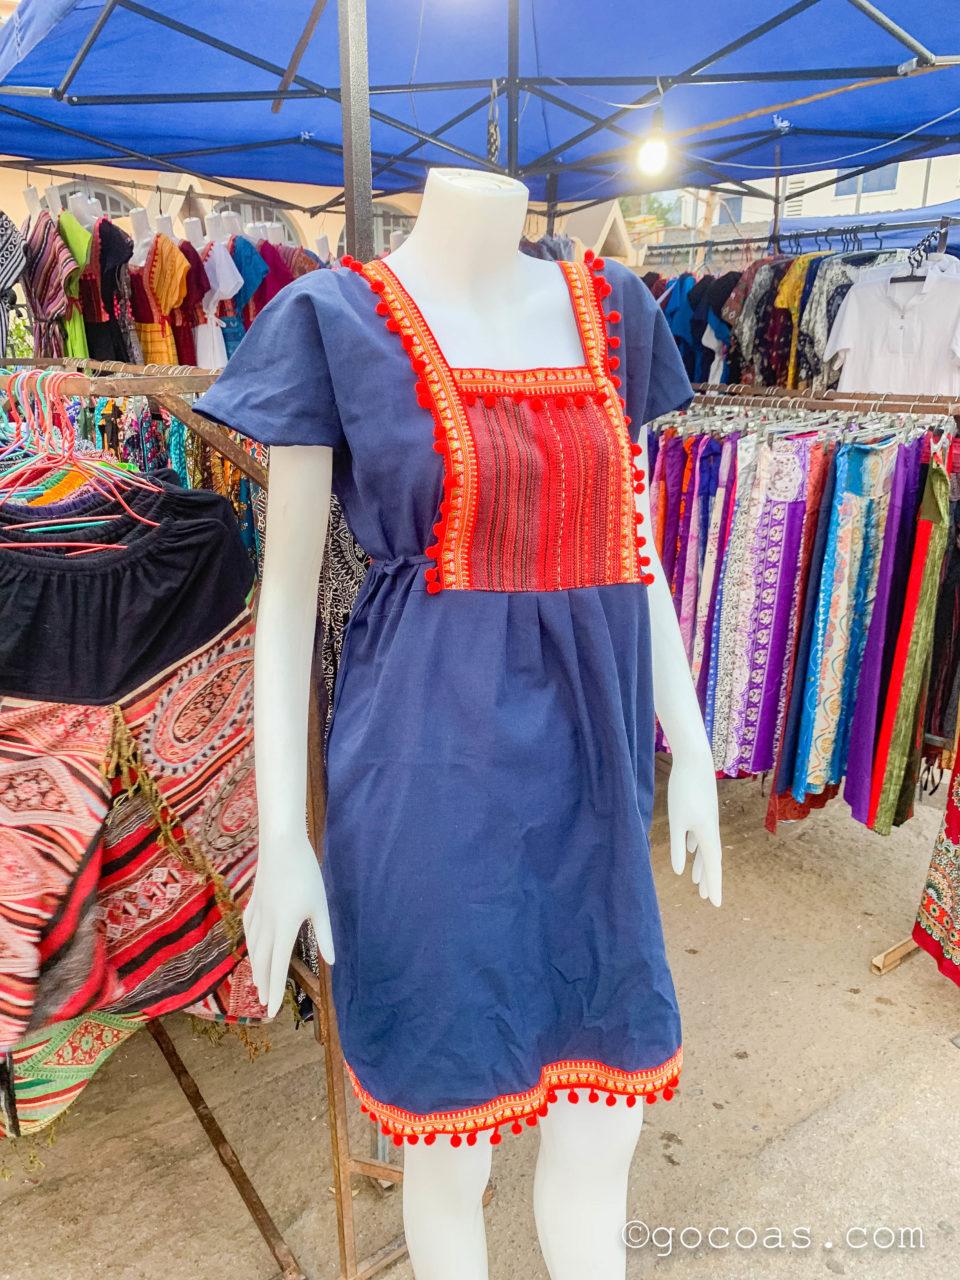 ルアンパバーンのナイトマーケットに並ぶ洋服の屋台にあった青いワンピース